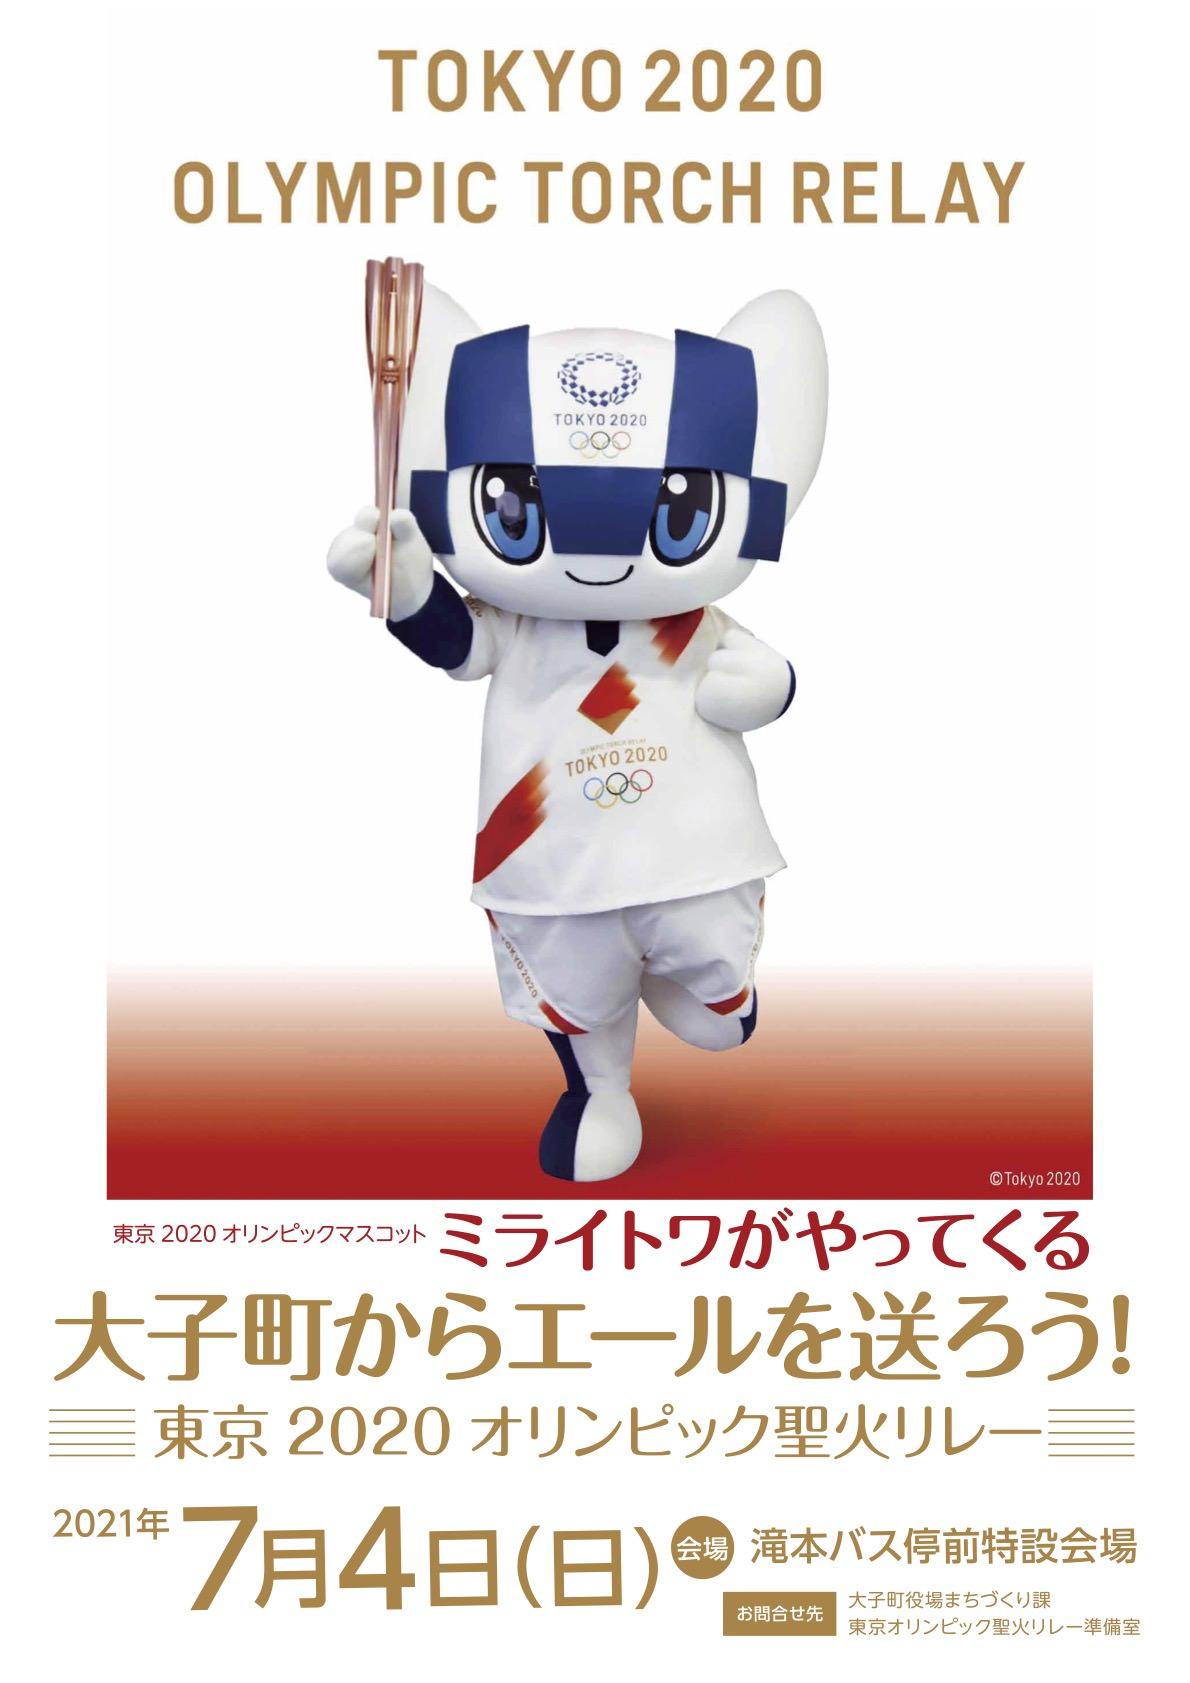 東京2020オリンピック聖火リレーが大子町にやってきます